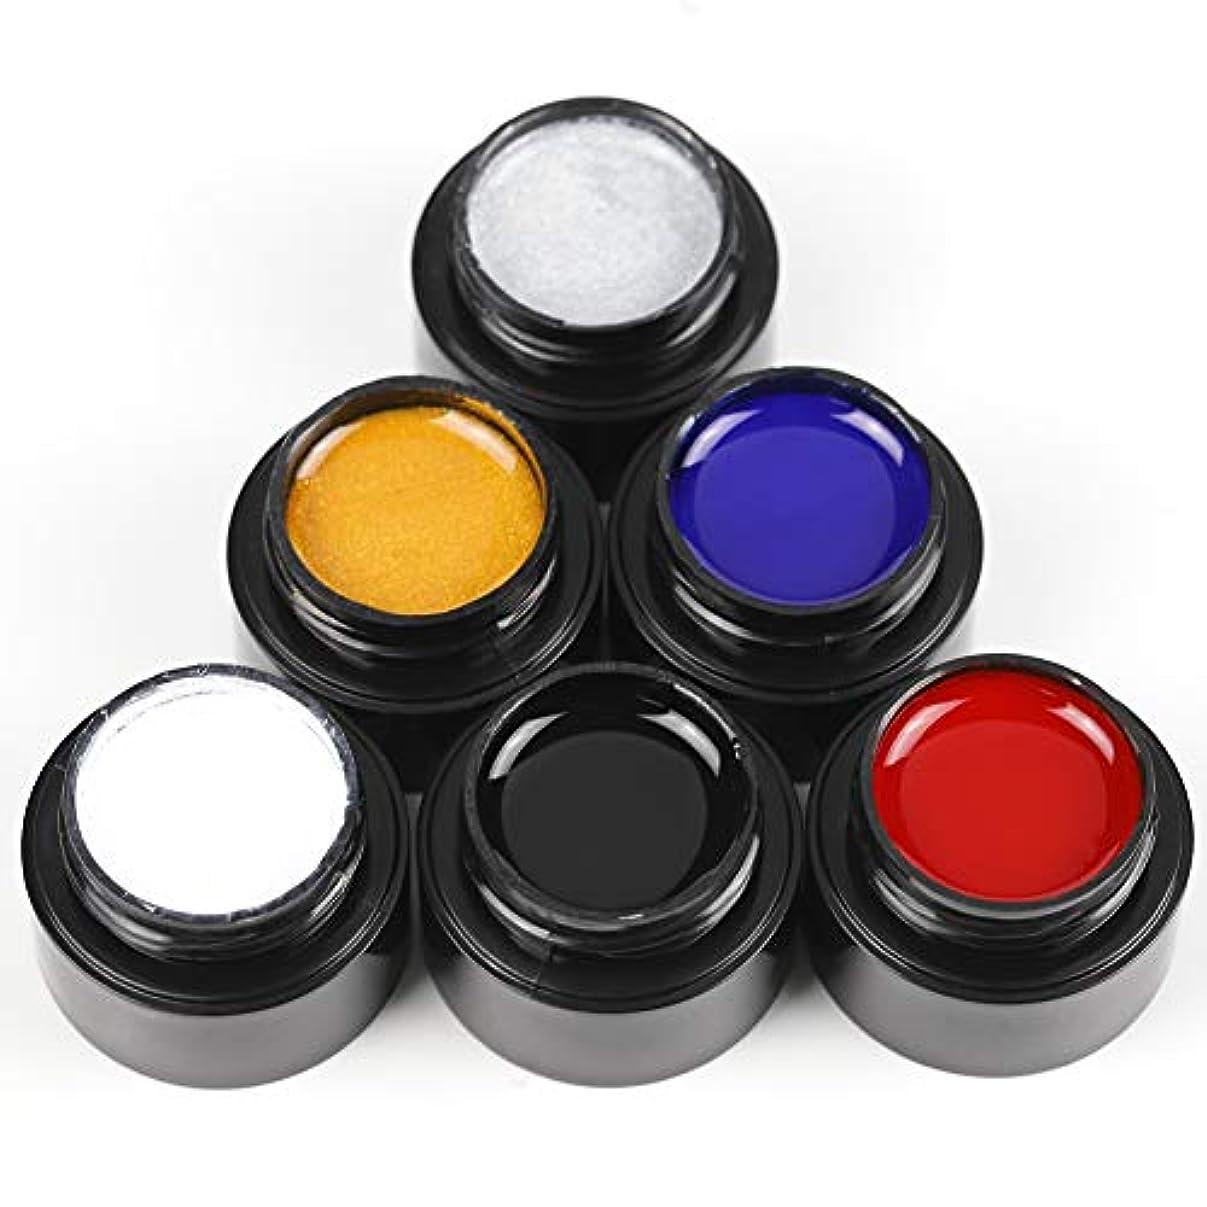 盲信計算可能主権者Twinkle Store ライナージェル 5ml 6ボトルセット 6色入り カラージェル ジェルネイルカラー UV/LED 适用 ネイルアートジェル